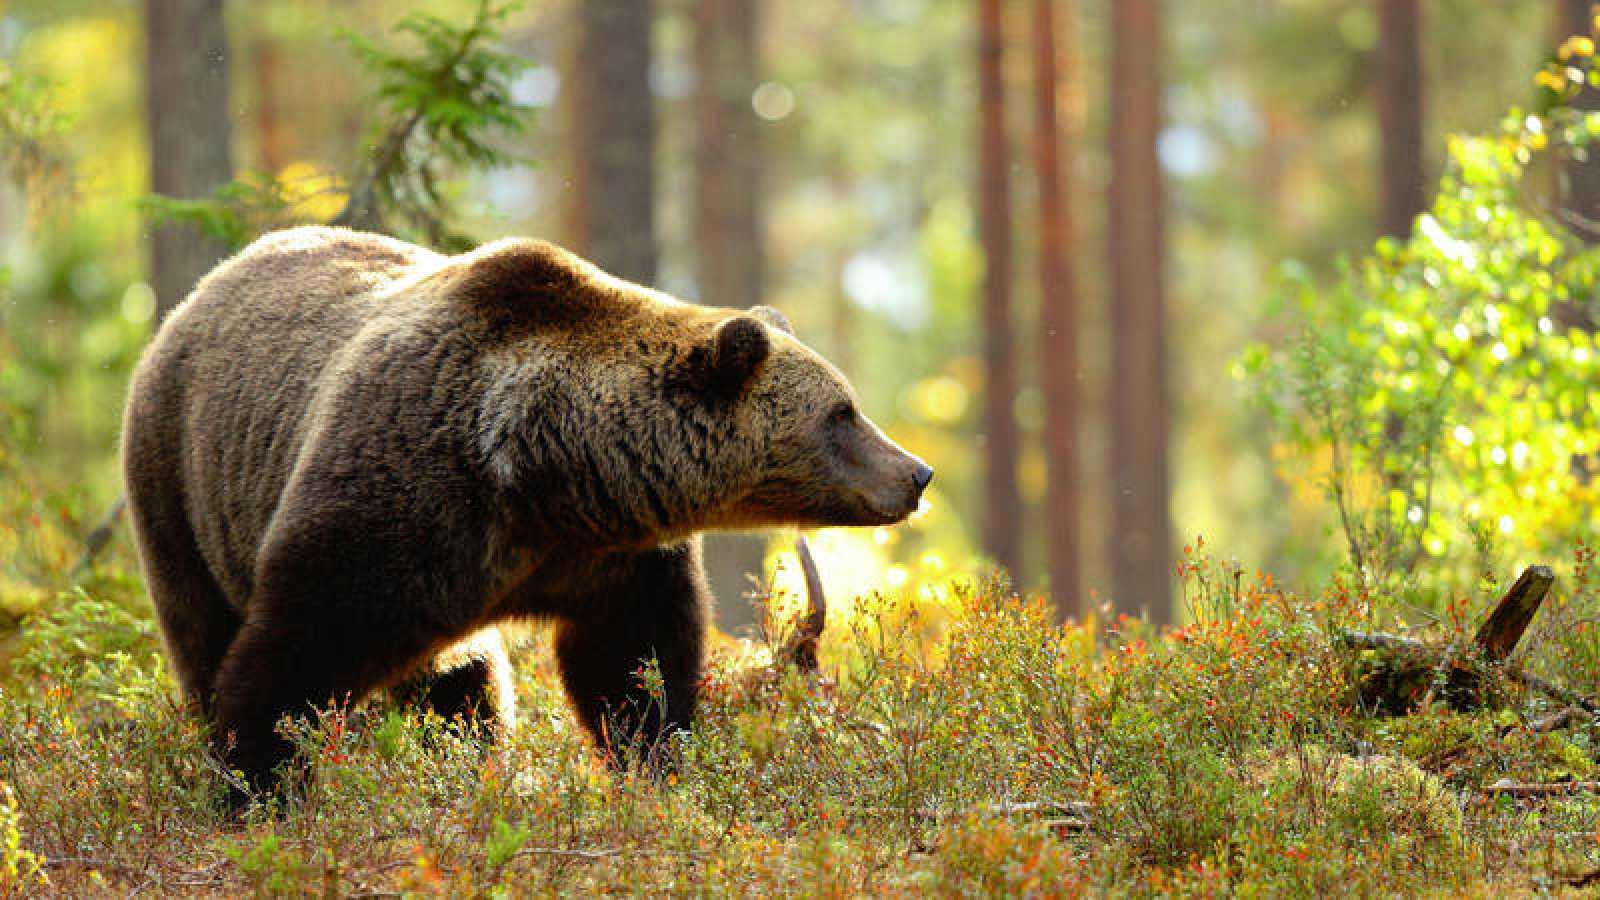 Un ejemplar de oso pardo en libertad ha cruzado la frontera hispanolusa para adentrarse en Portugal.